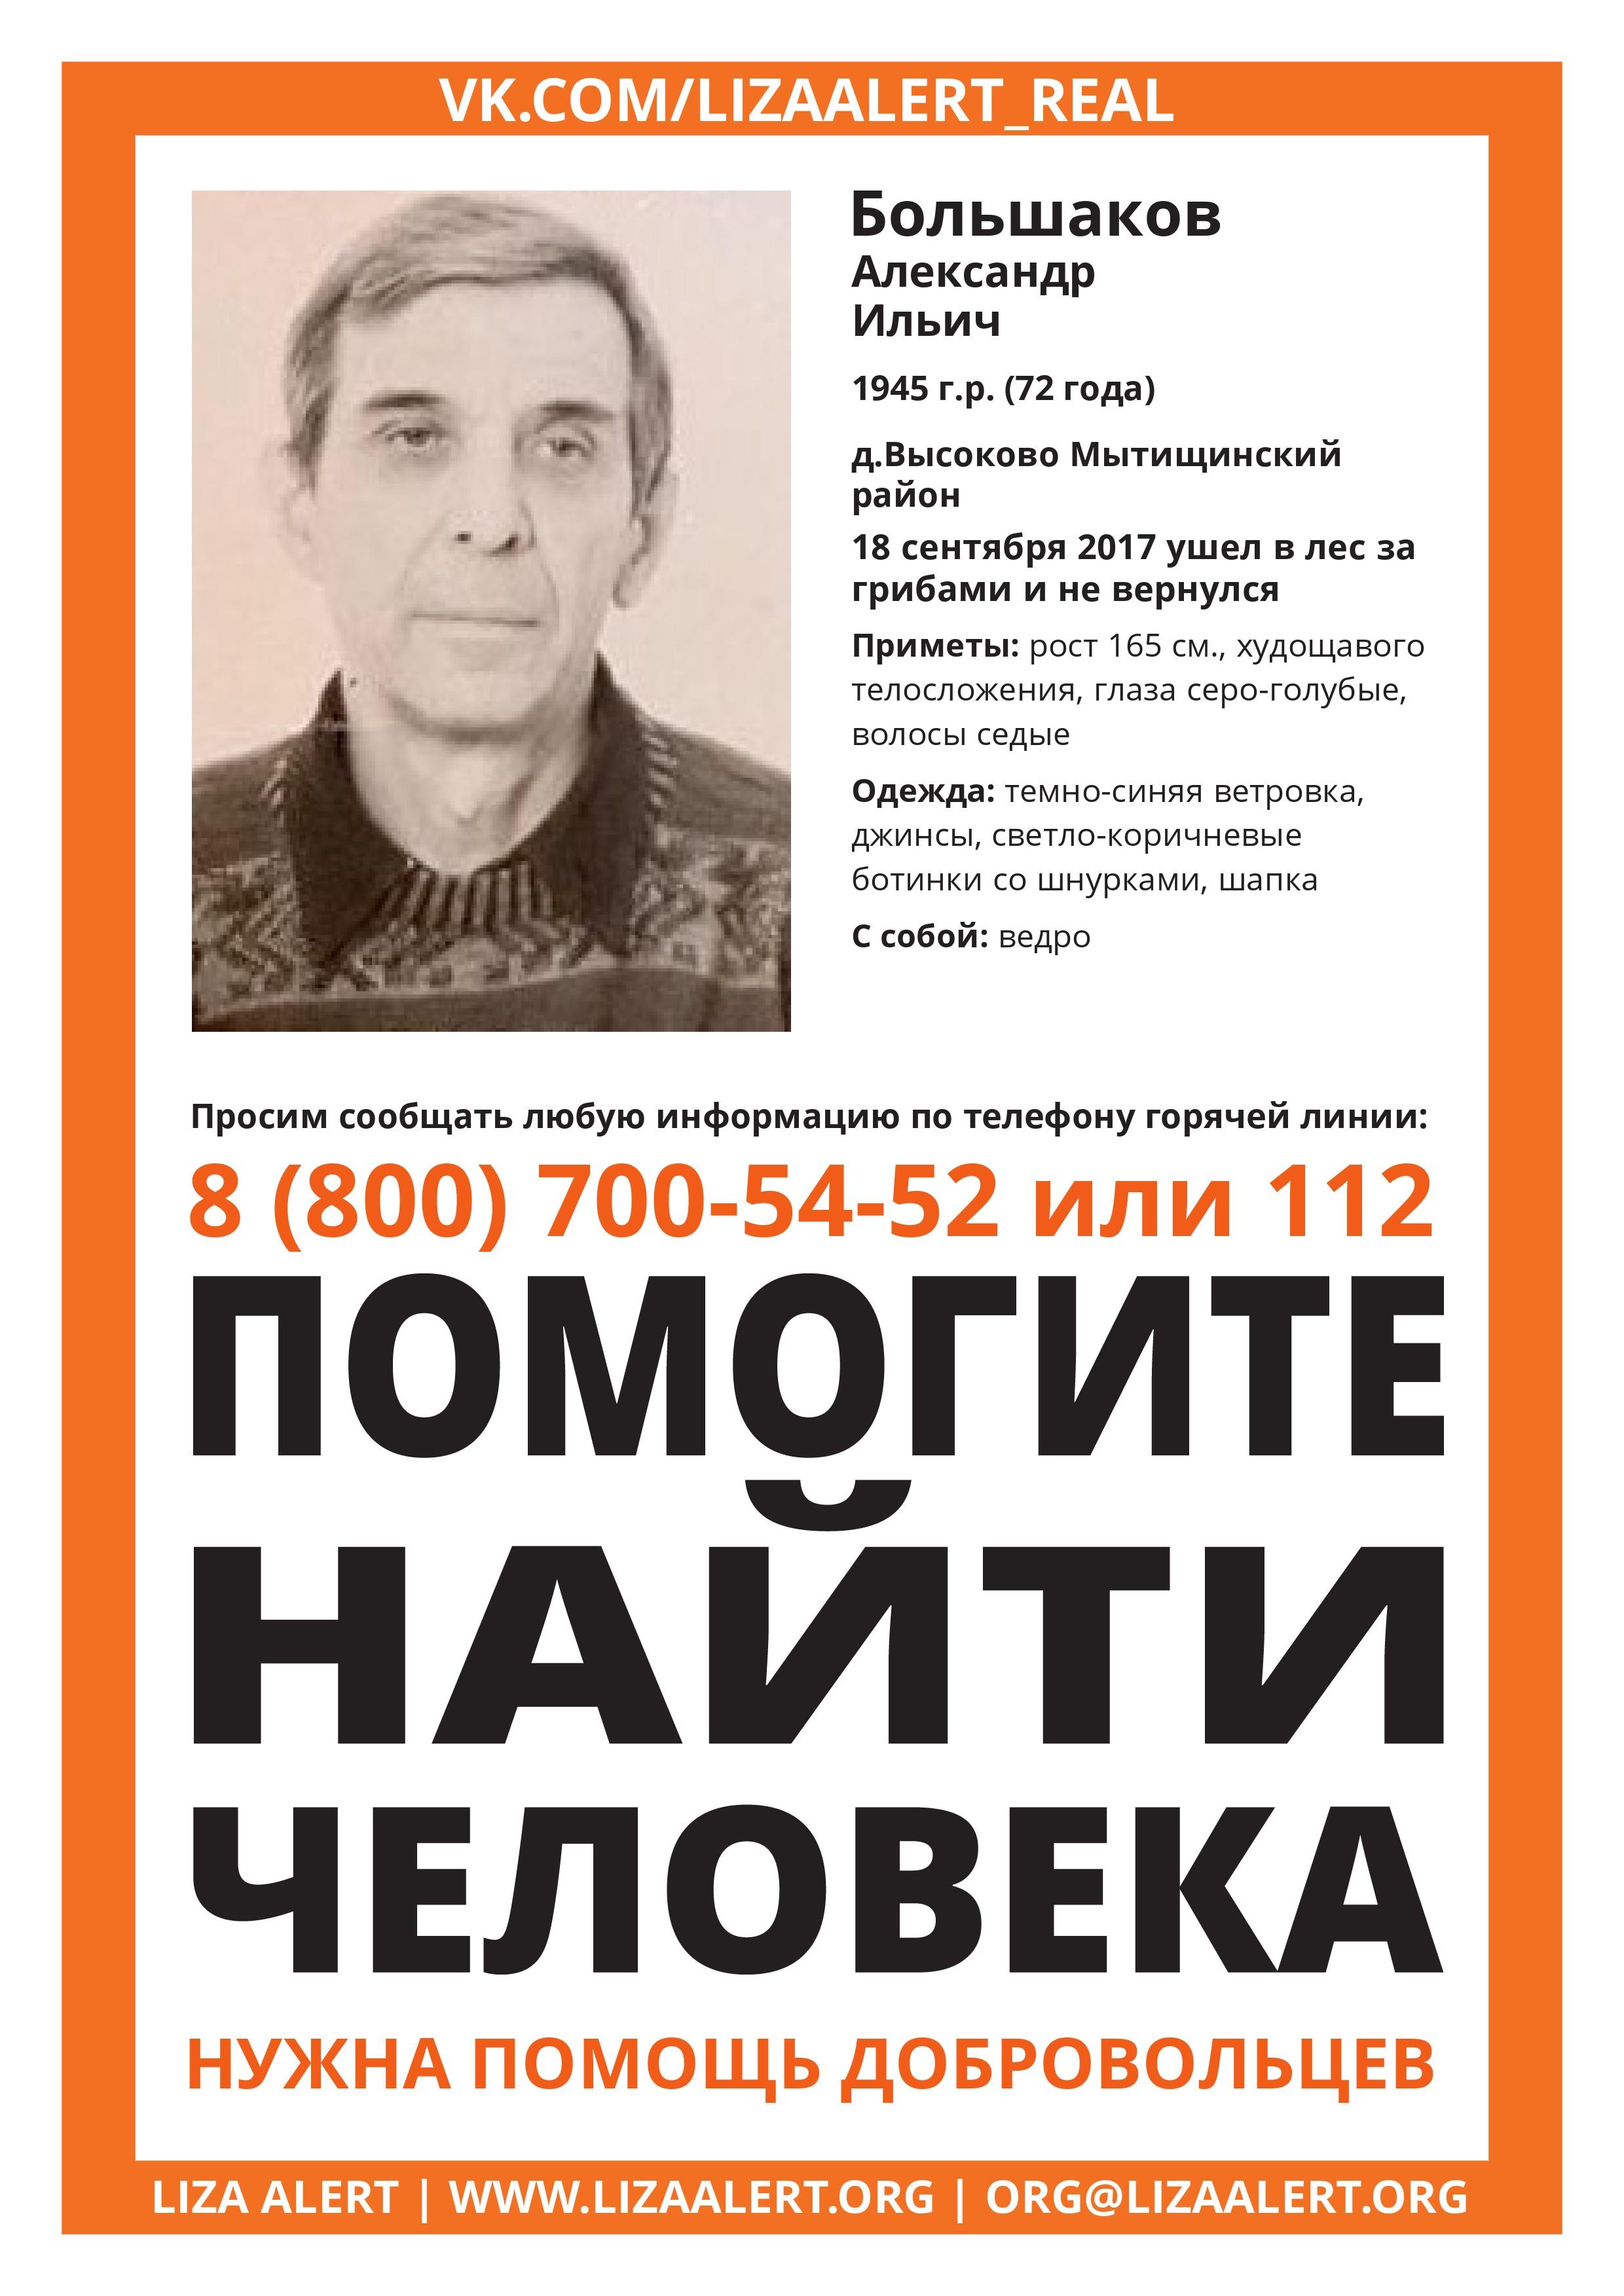 большаков илья владимирович фото адвокат кемерово